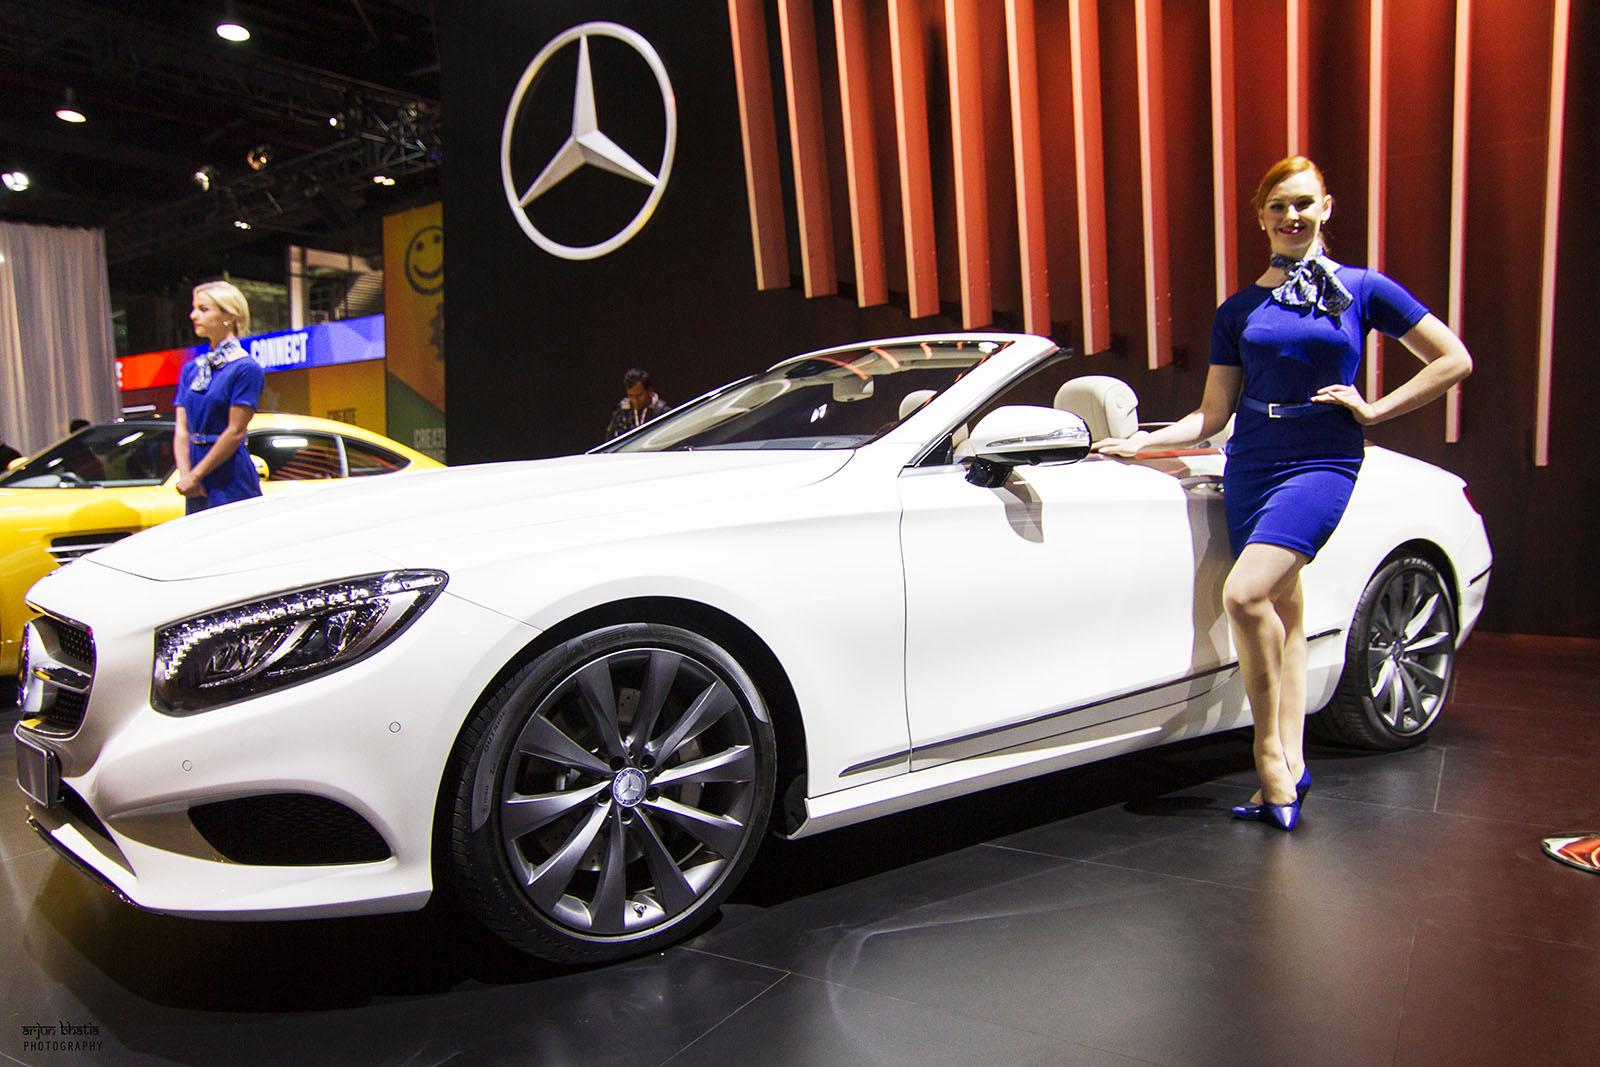 Mercedes-Benz S-Class Cabriolet Delhi Auto Expo 2016 2